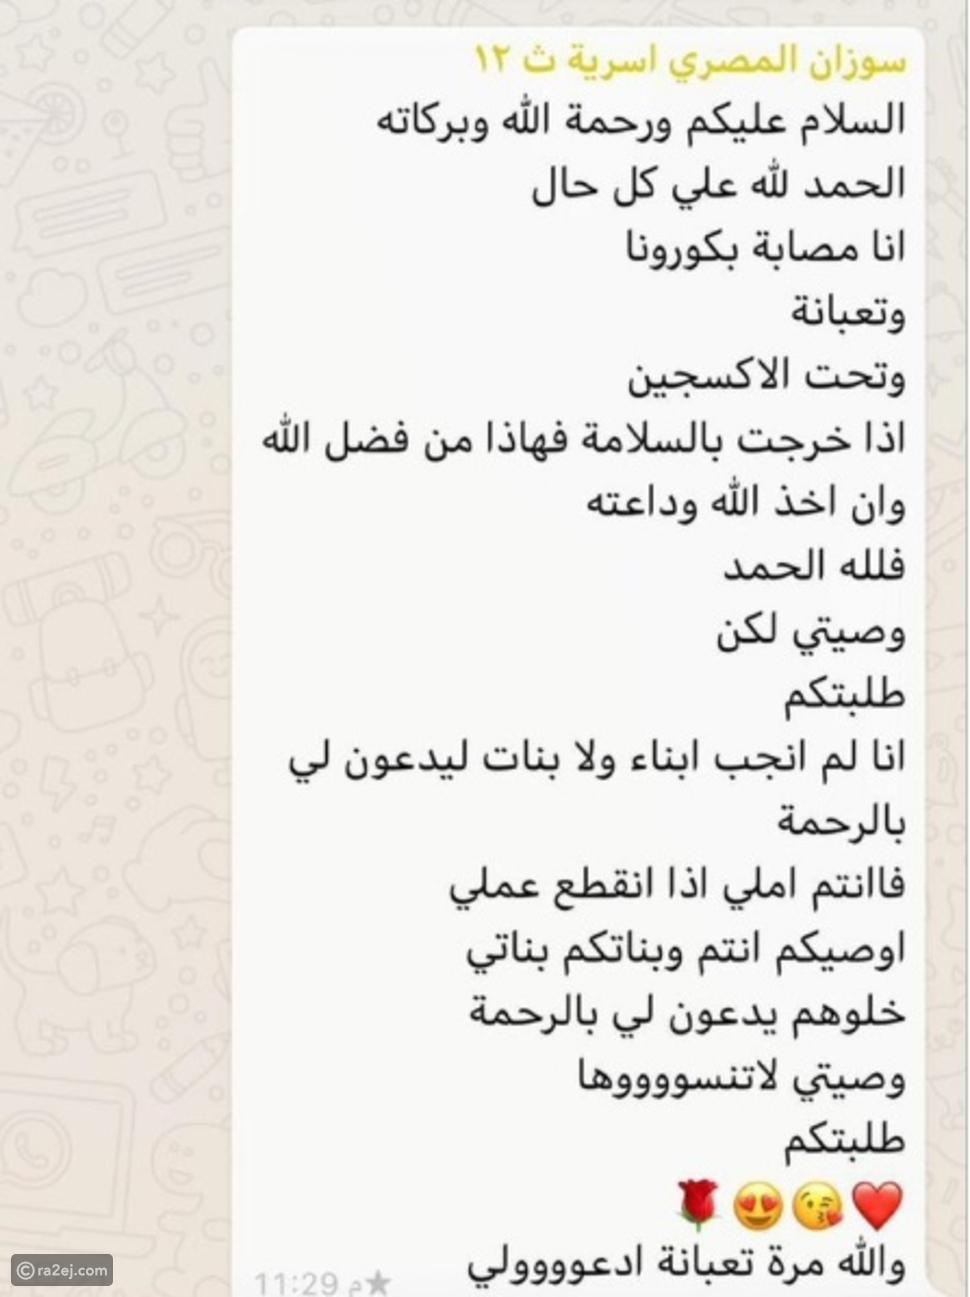 وصية معلمة سعودية قبل وفاتها بكورونا تحزن الجميع: هذا ما قالته